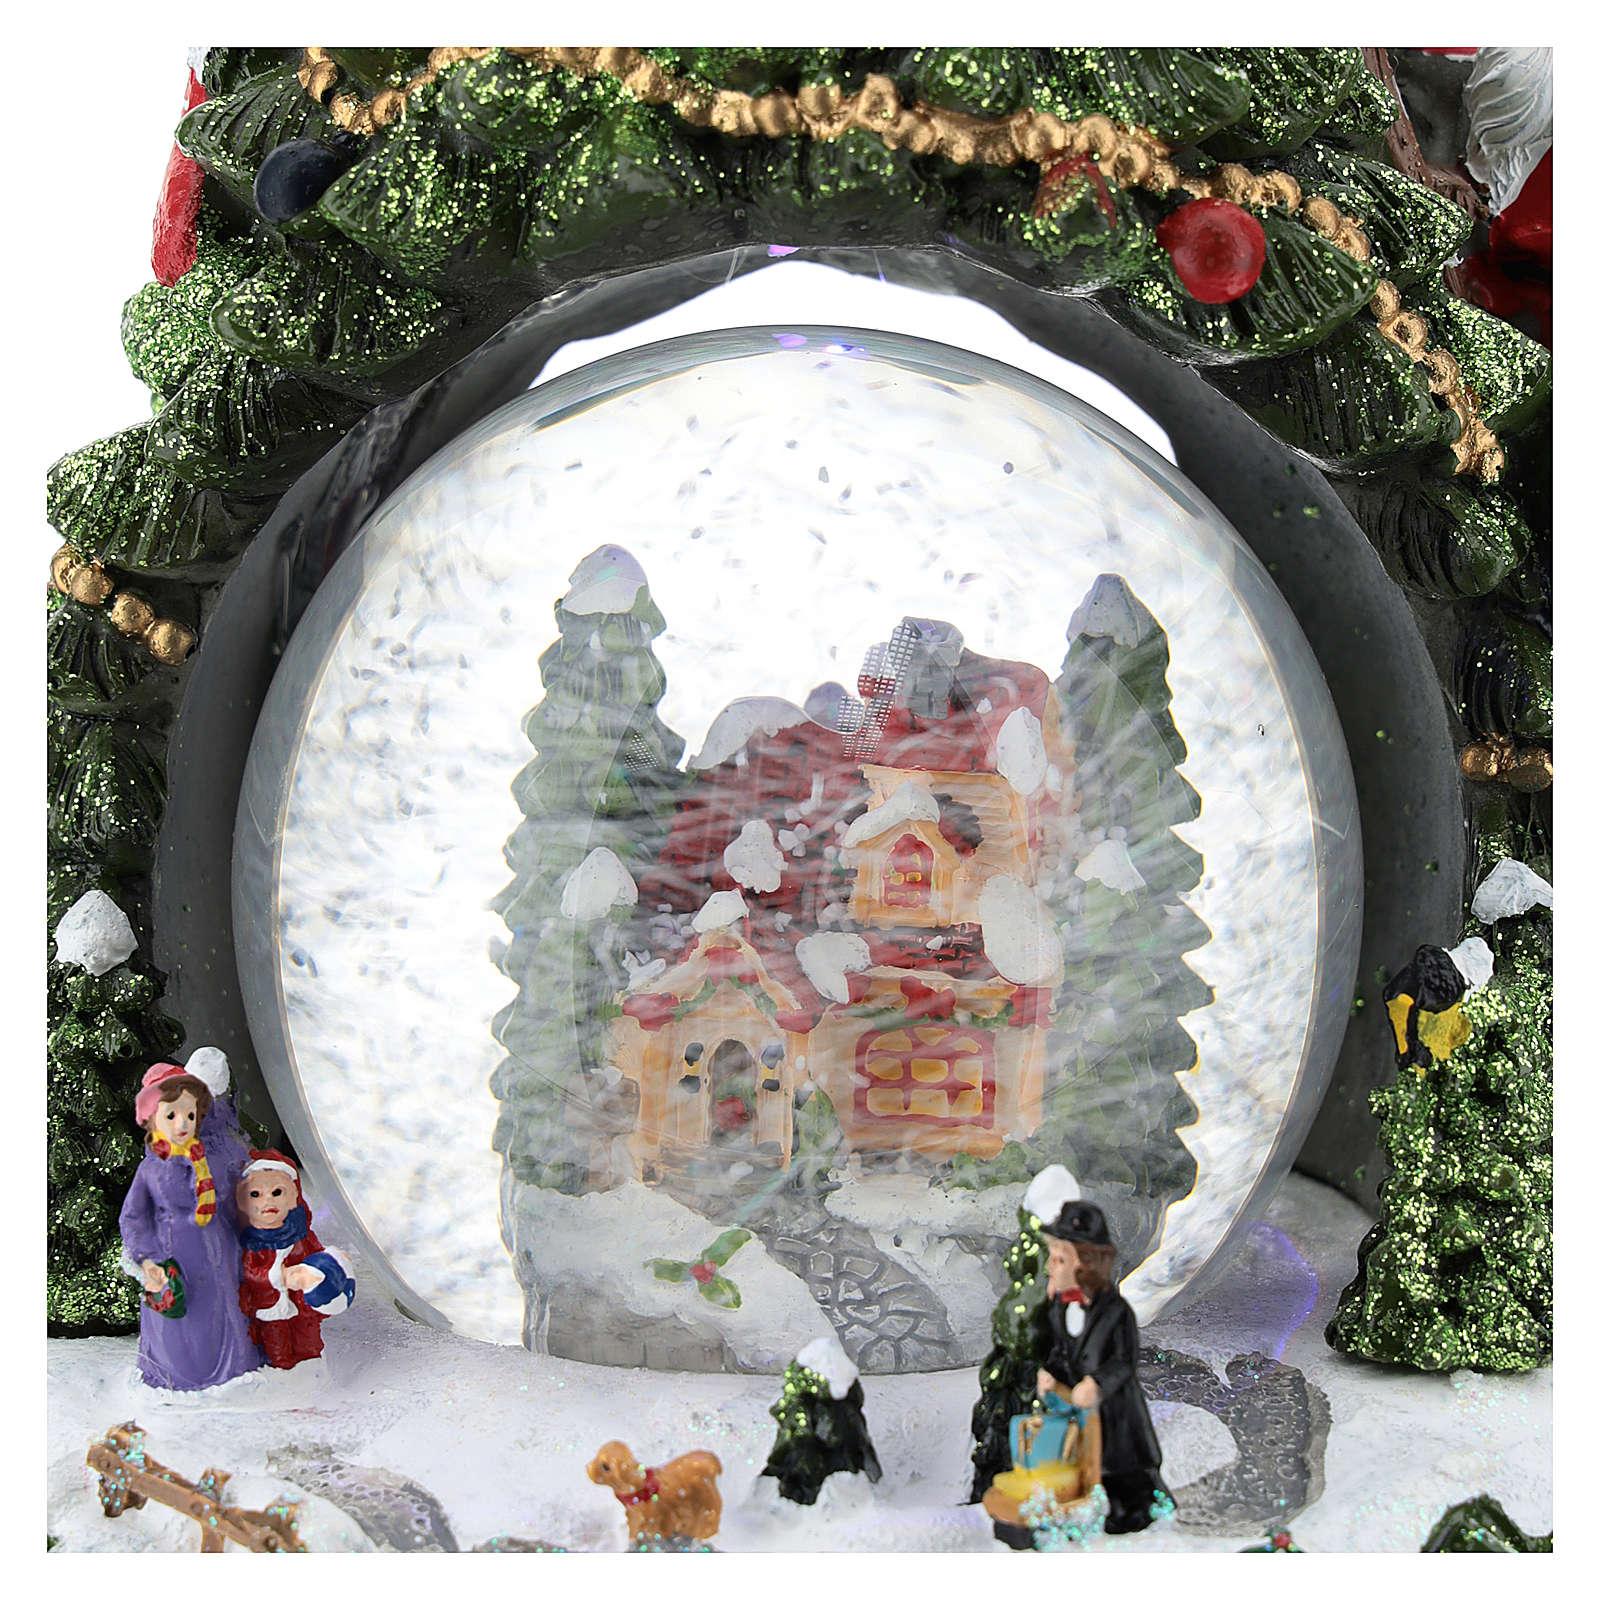 Schneekugel mit Winterdorf und Weihnachtsbaum, 25 cm hoch 3